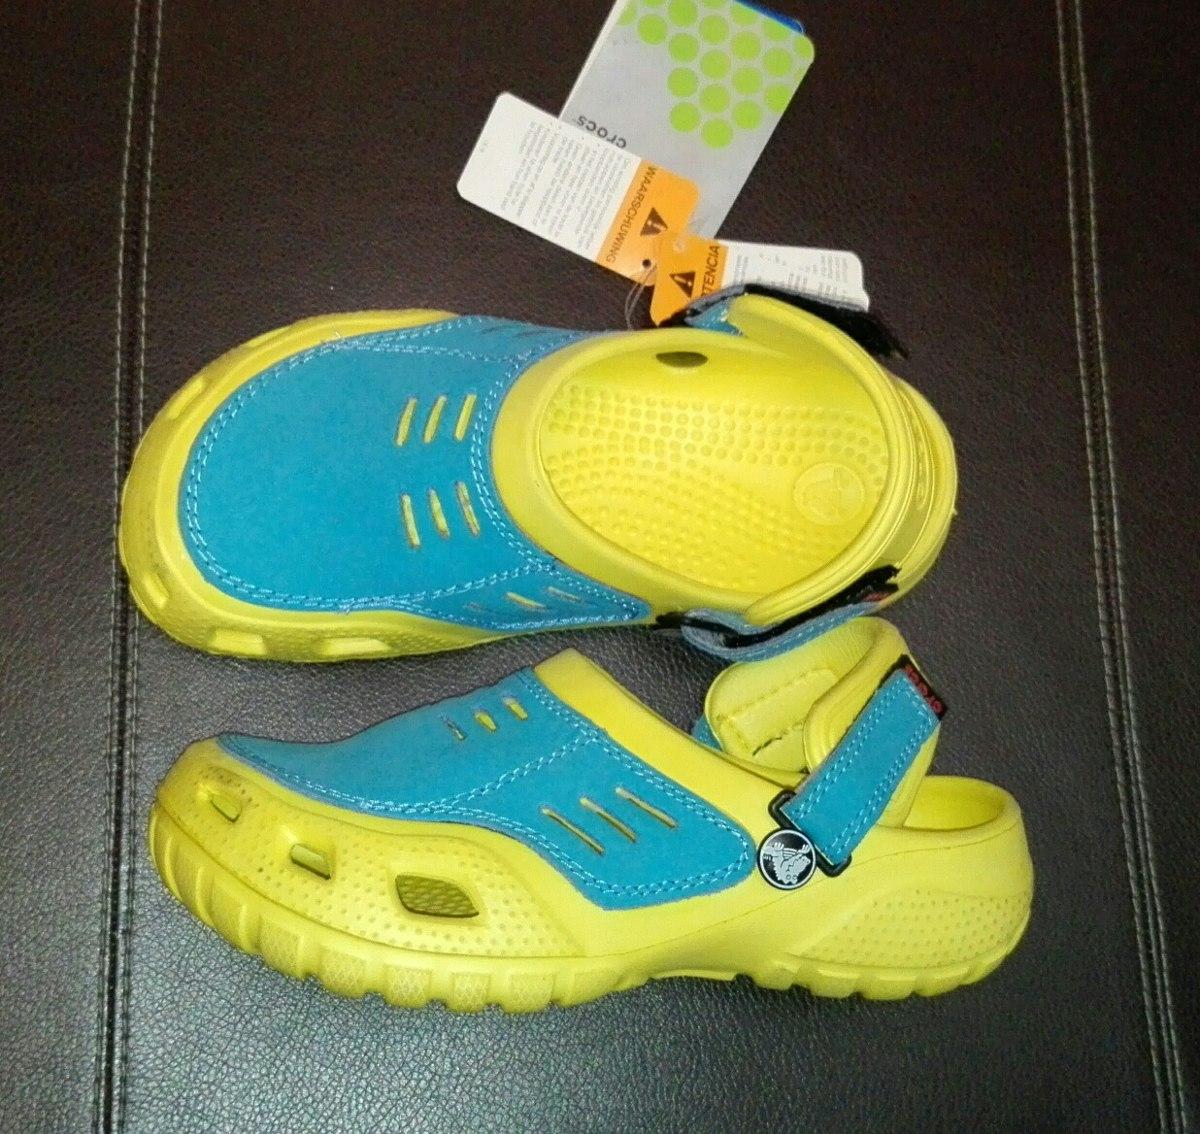 ee4c82411c11f1 Crocs Yukon Dama Unicos En Mexico -   699.00 en Mercado Libre